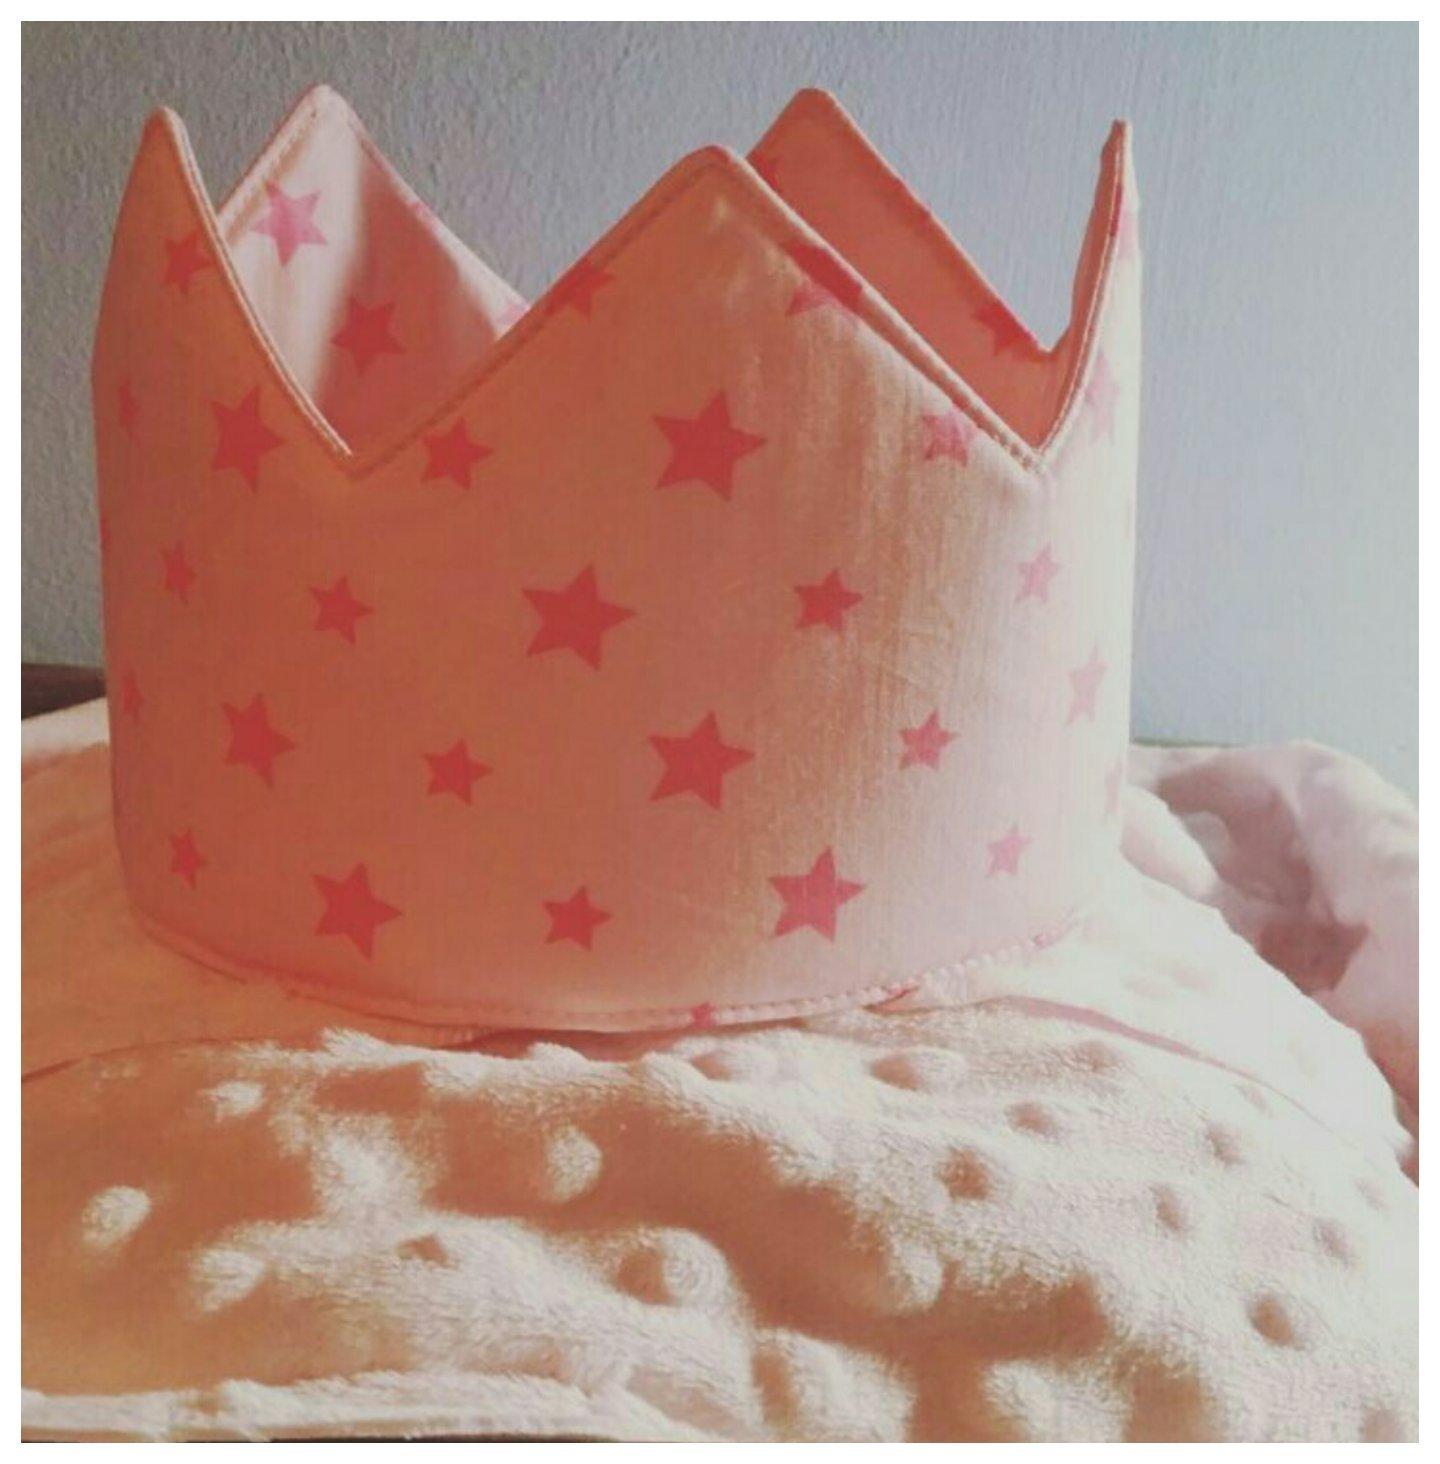 Corona Cumpleaños Tela Estrellas Rosas: Amazon.es: Handmade